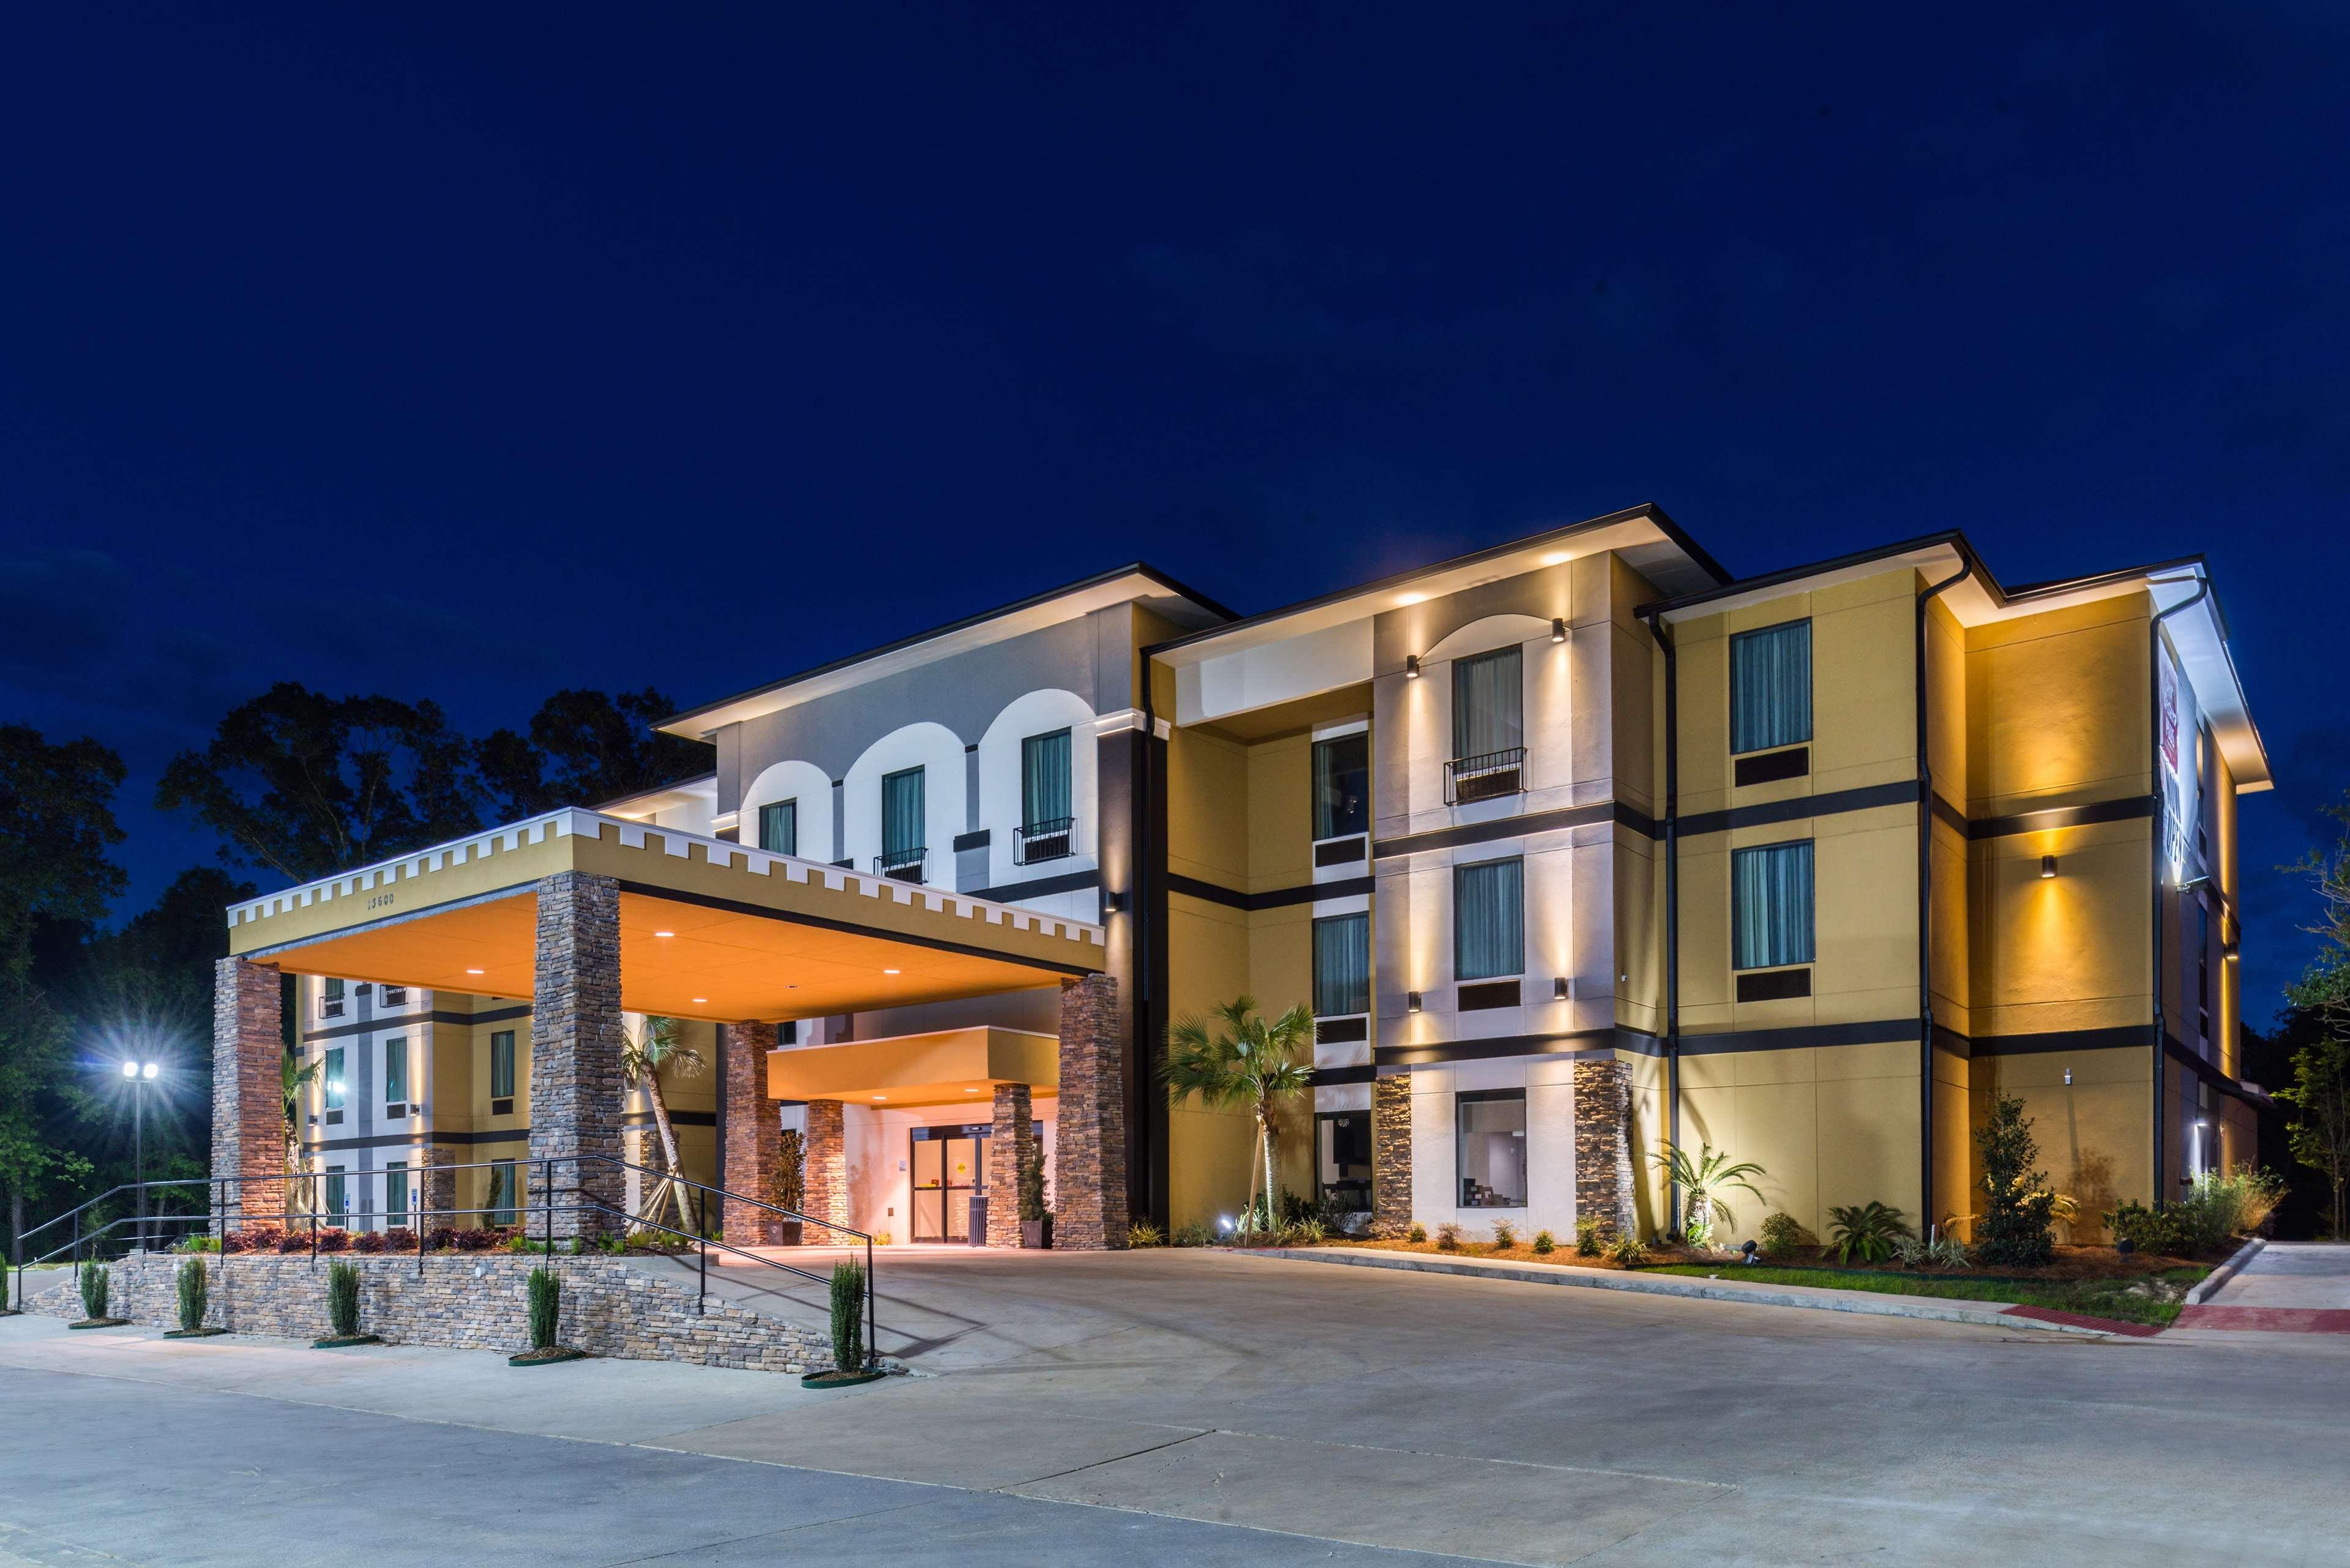 Best Western Plus Regency Park Hotel image 6